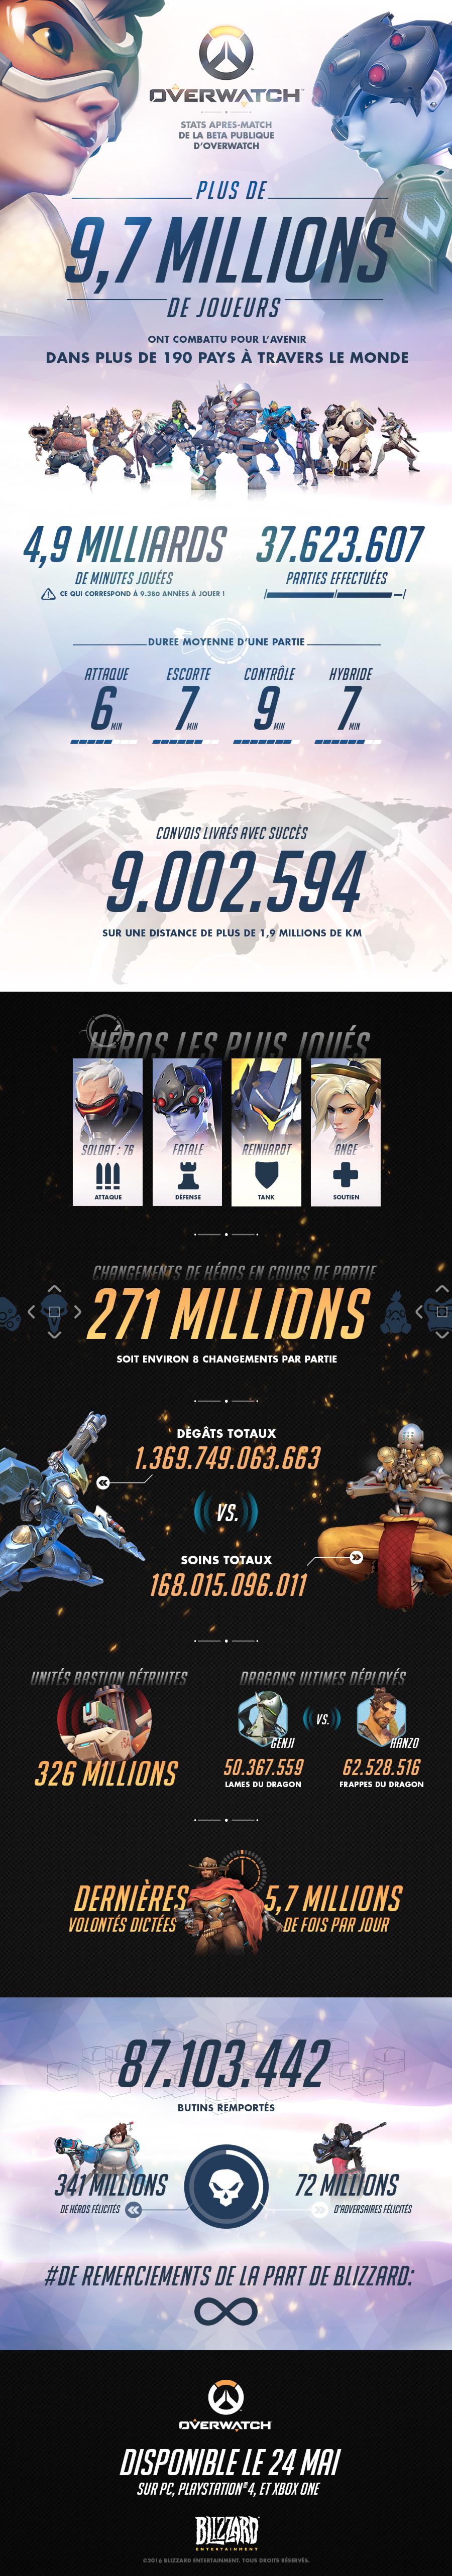 Statistiques de la bêta d'Overwatch : succès ou échec ?